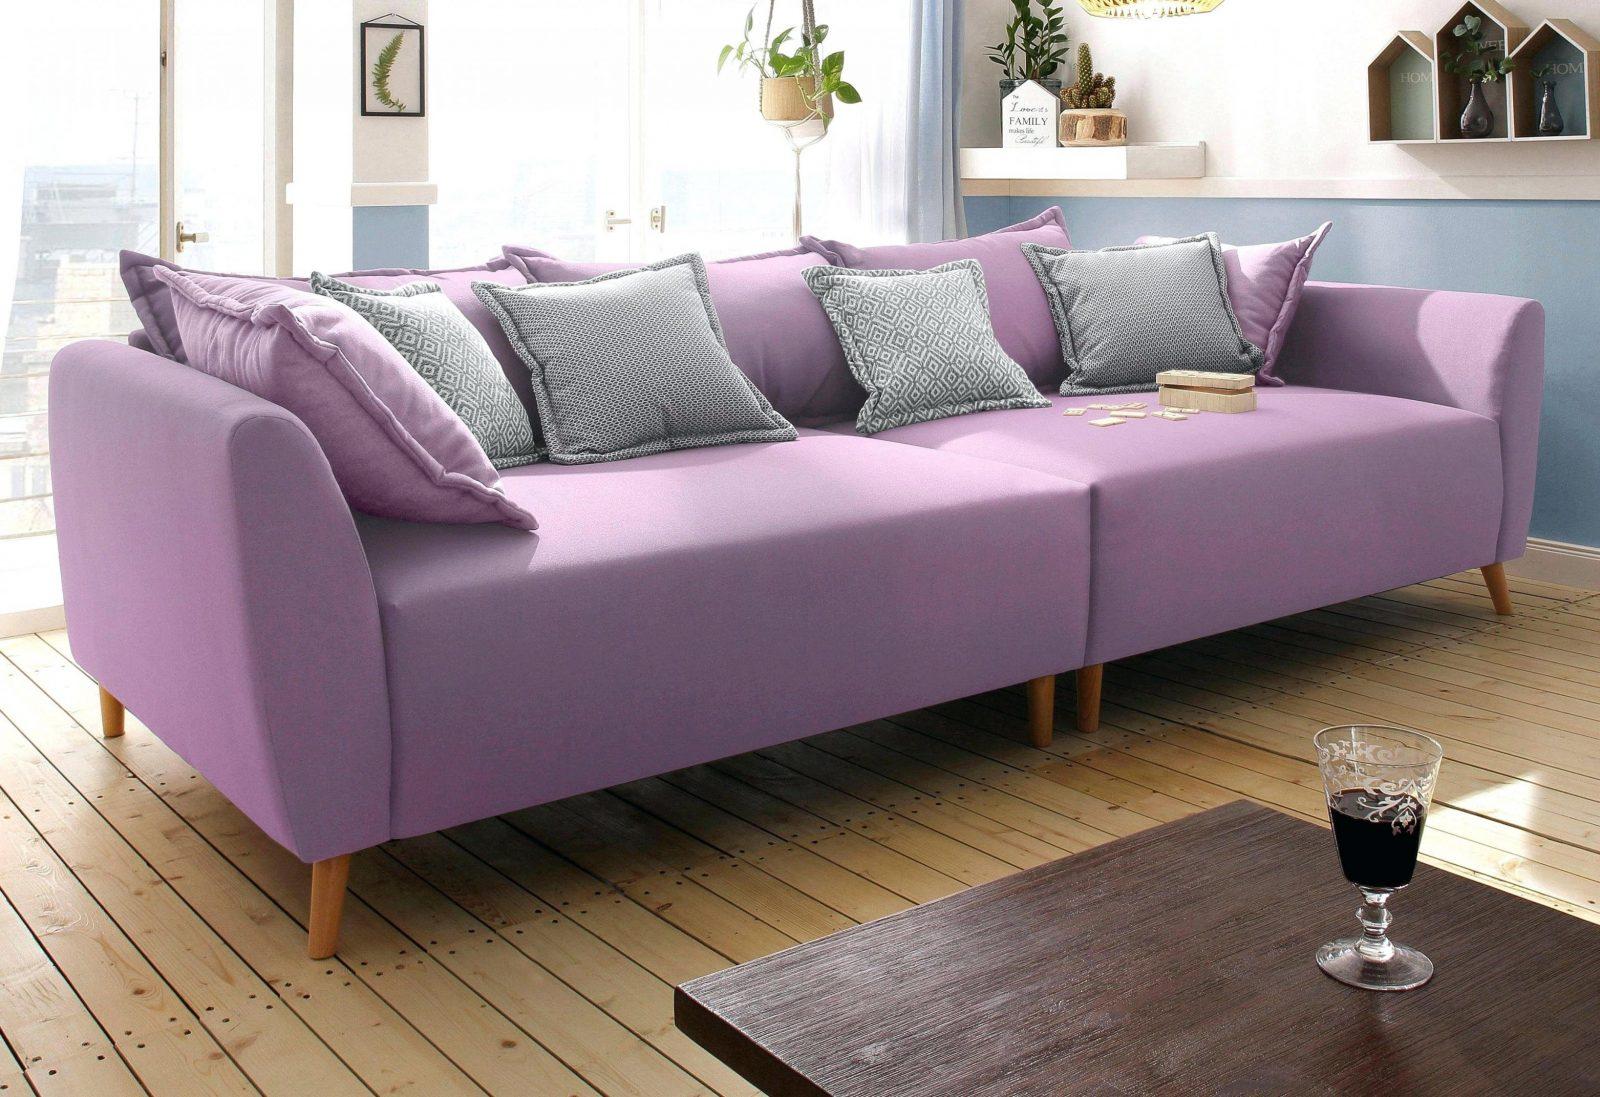 Schön Bildquellehome Affaire Big Sofa Abigbya Home Breite 302 Cm von Husse Nähen Lassen Kosten Bild